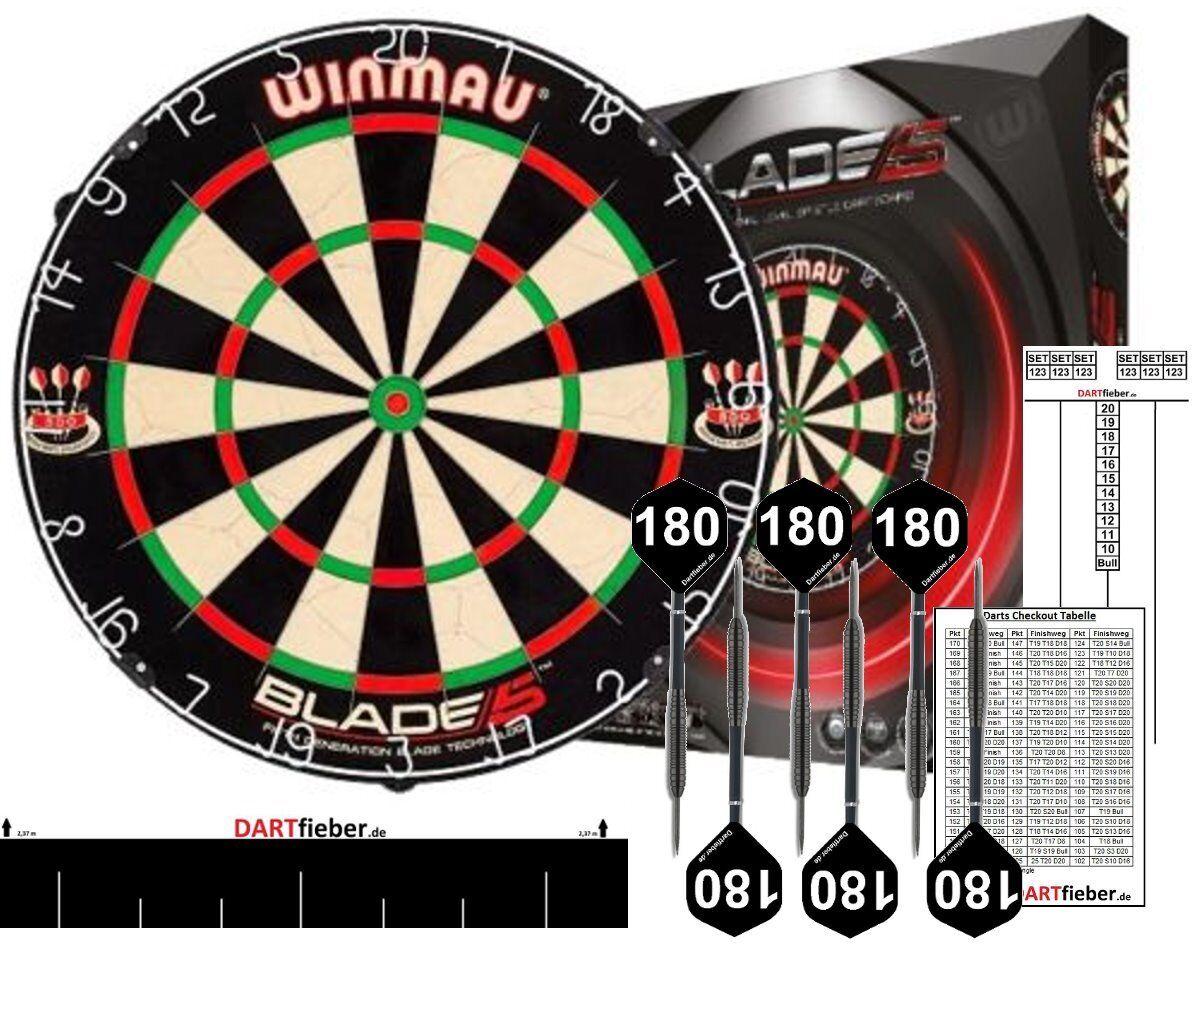 Starter-Set Dartboard WINMAU Blade 5 Bristle Board  + Zubehör